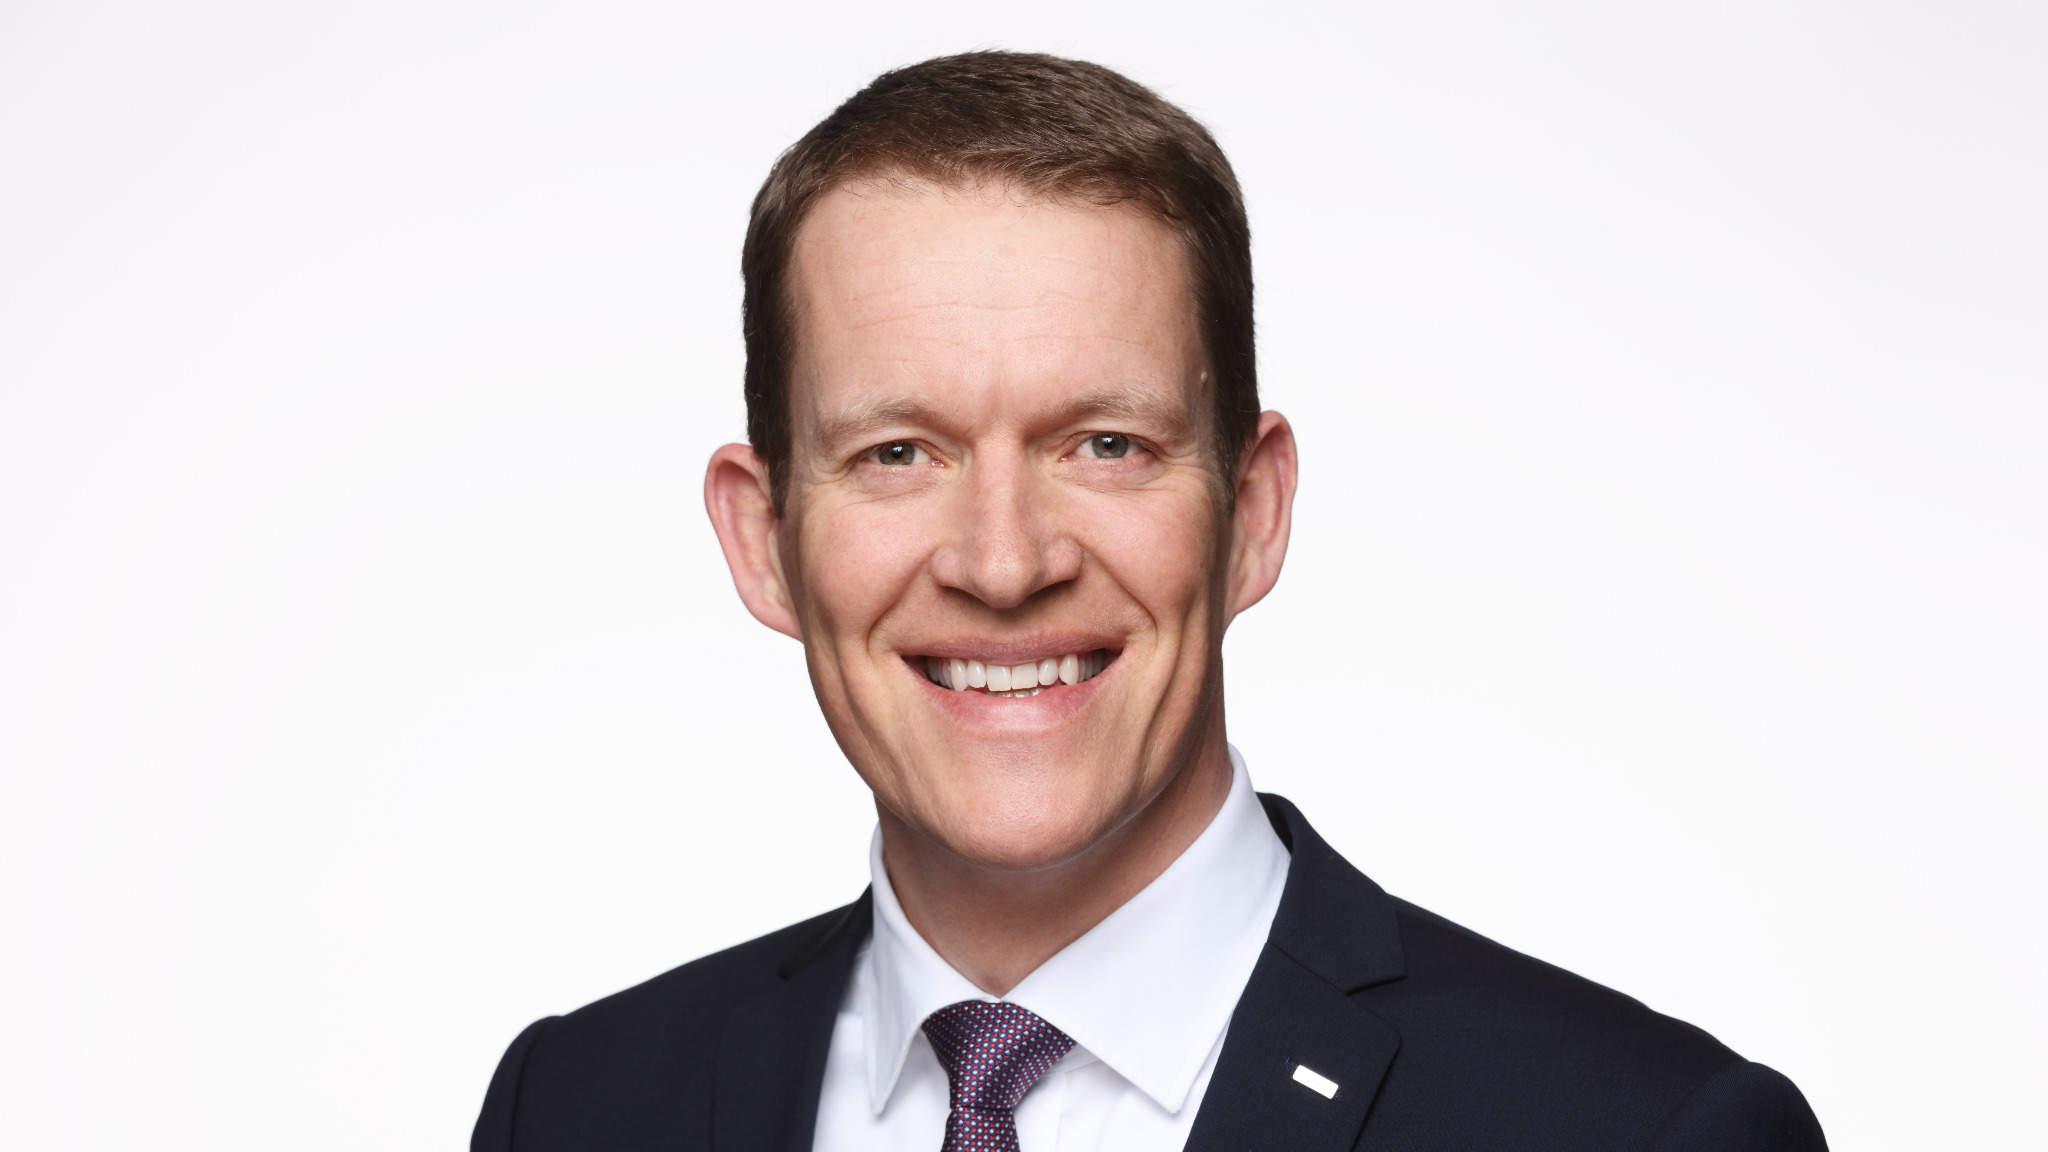 DACHSER: Burkhard Eling nowym CEO